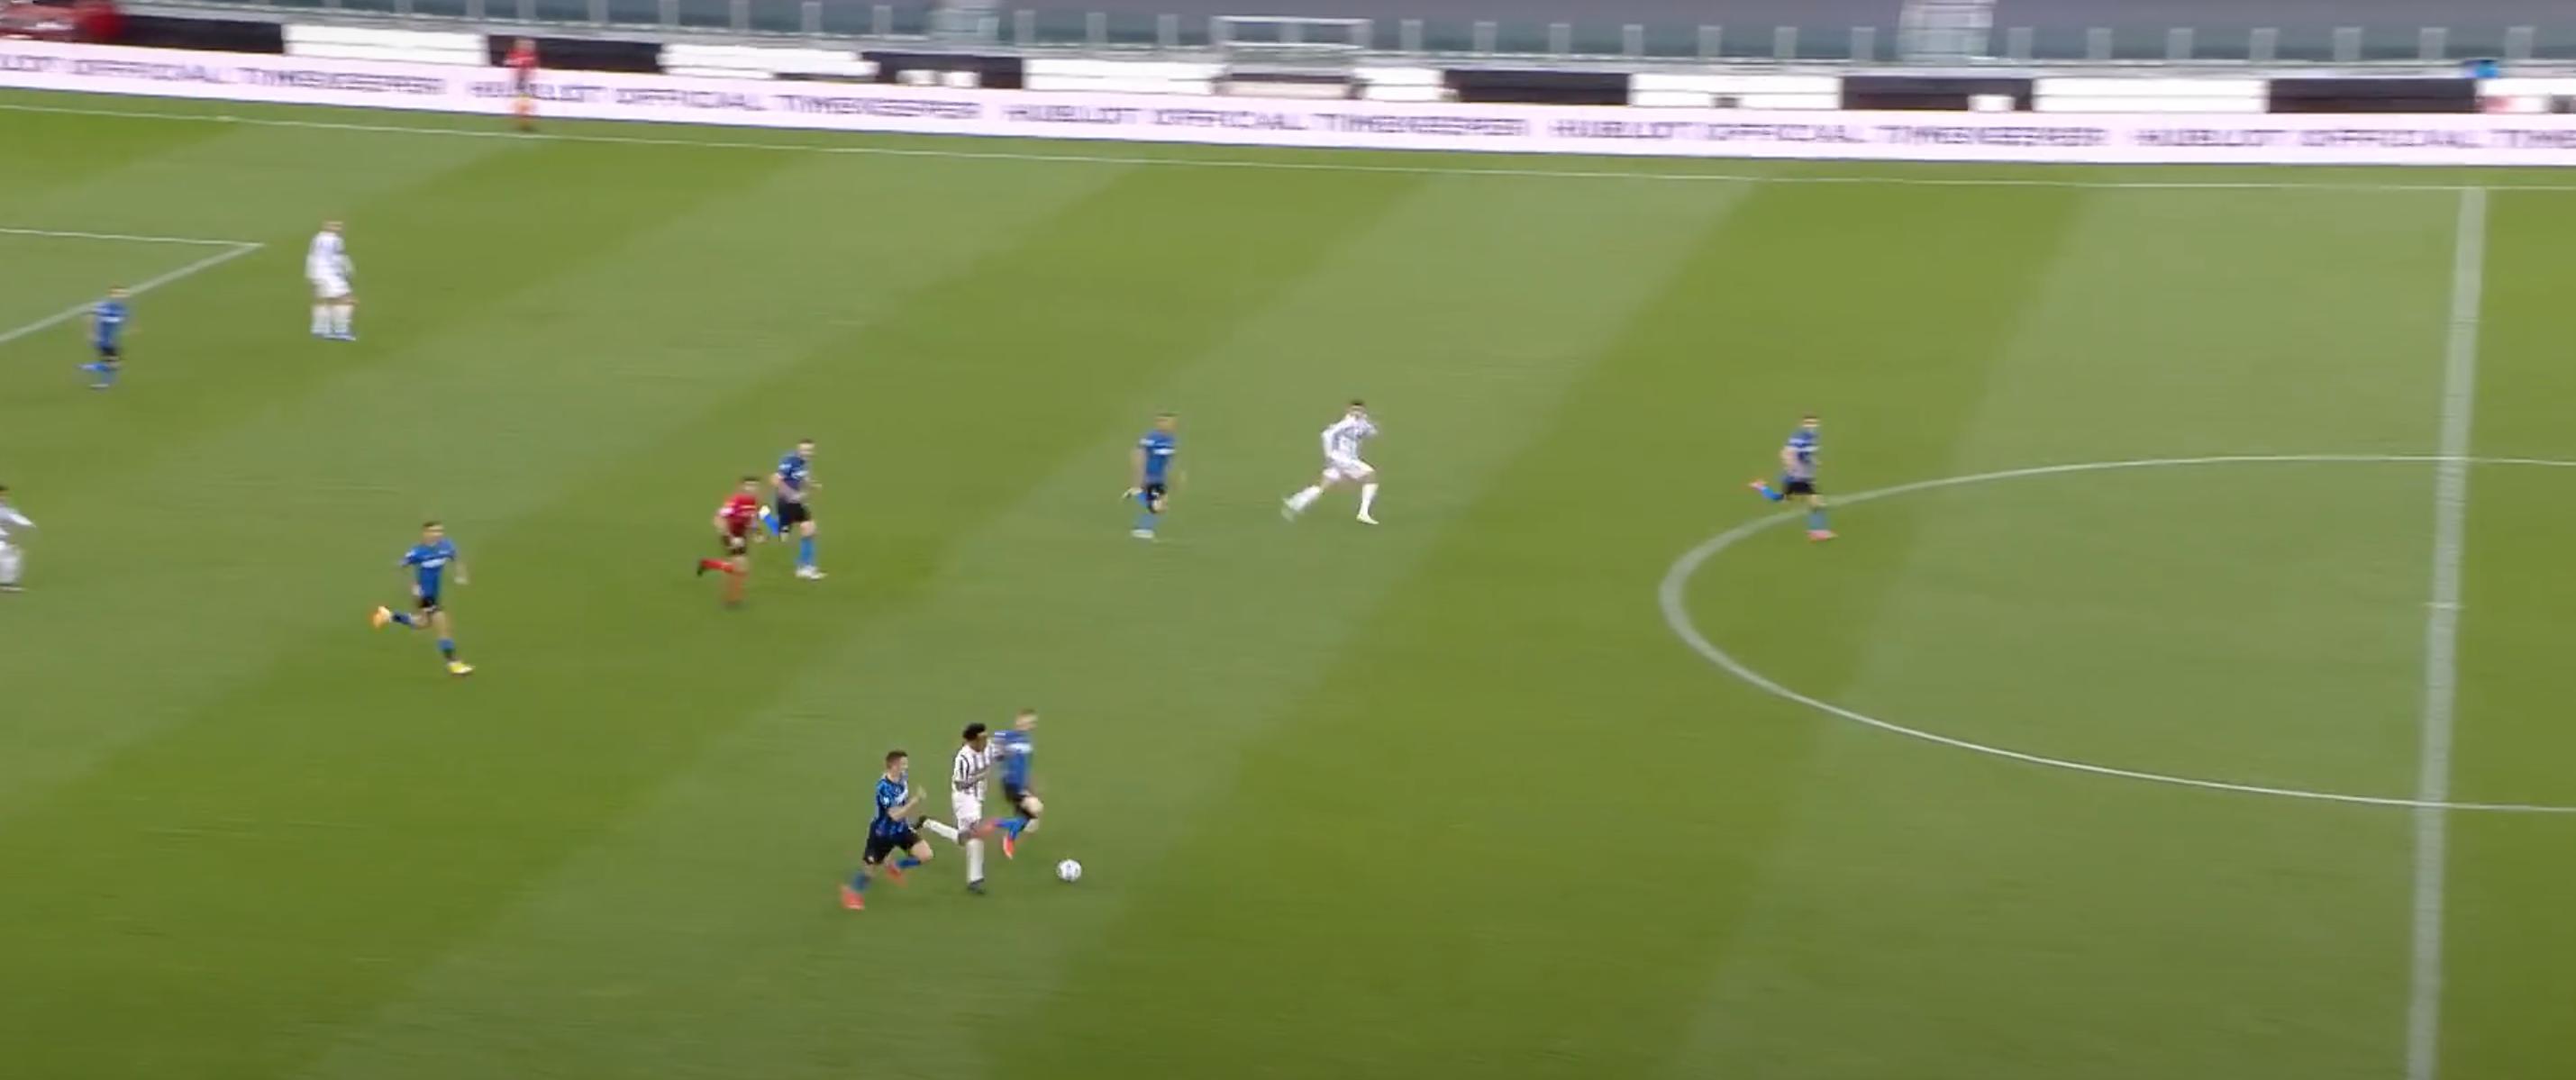 «Юве» обострил борьбу за ЛЧ до предела: хлопнул «Интер» в одном из ярчайших матчей сезона. Хотя победный эпизод очень спорный